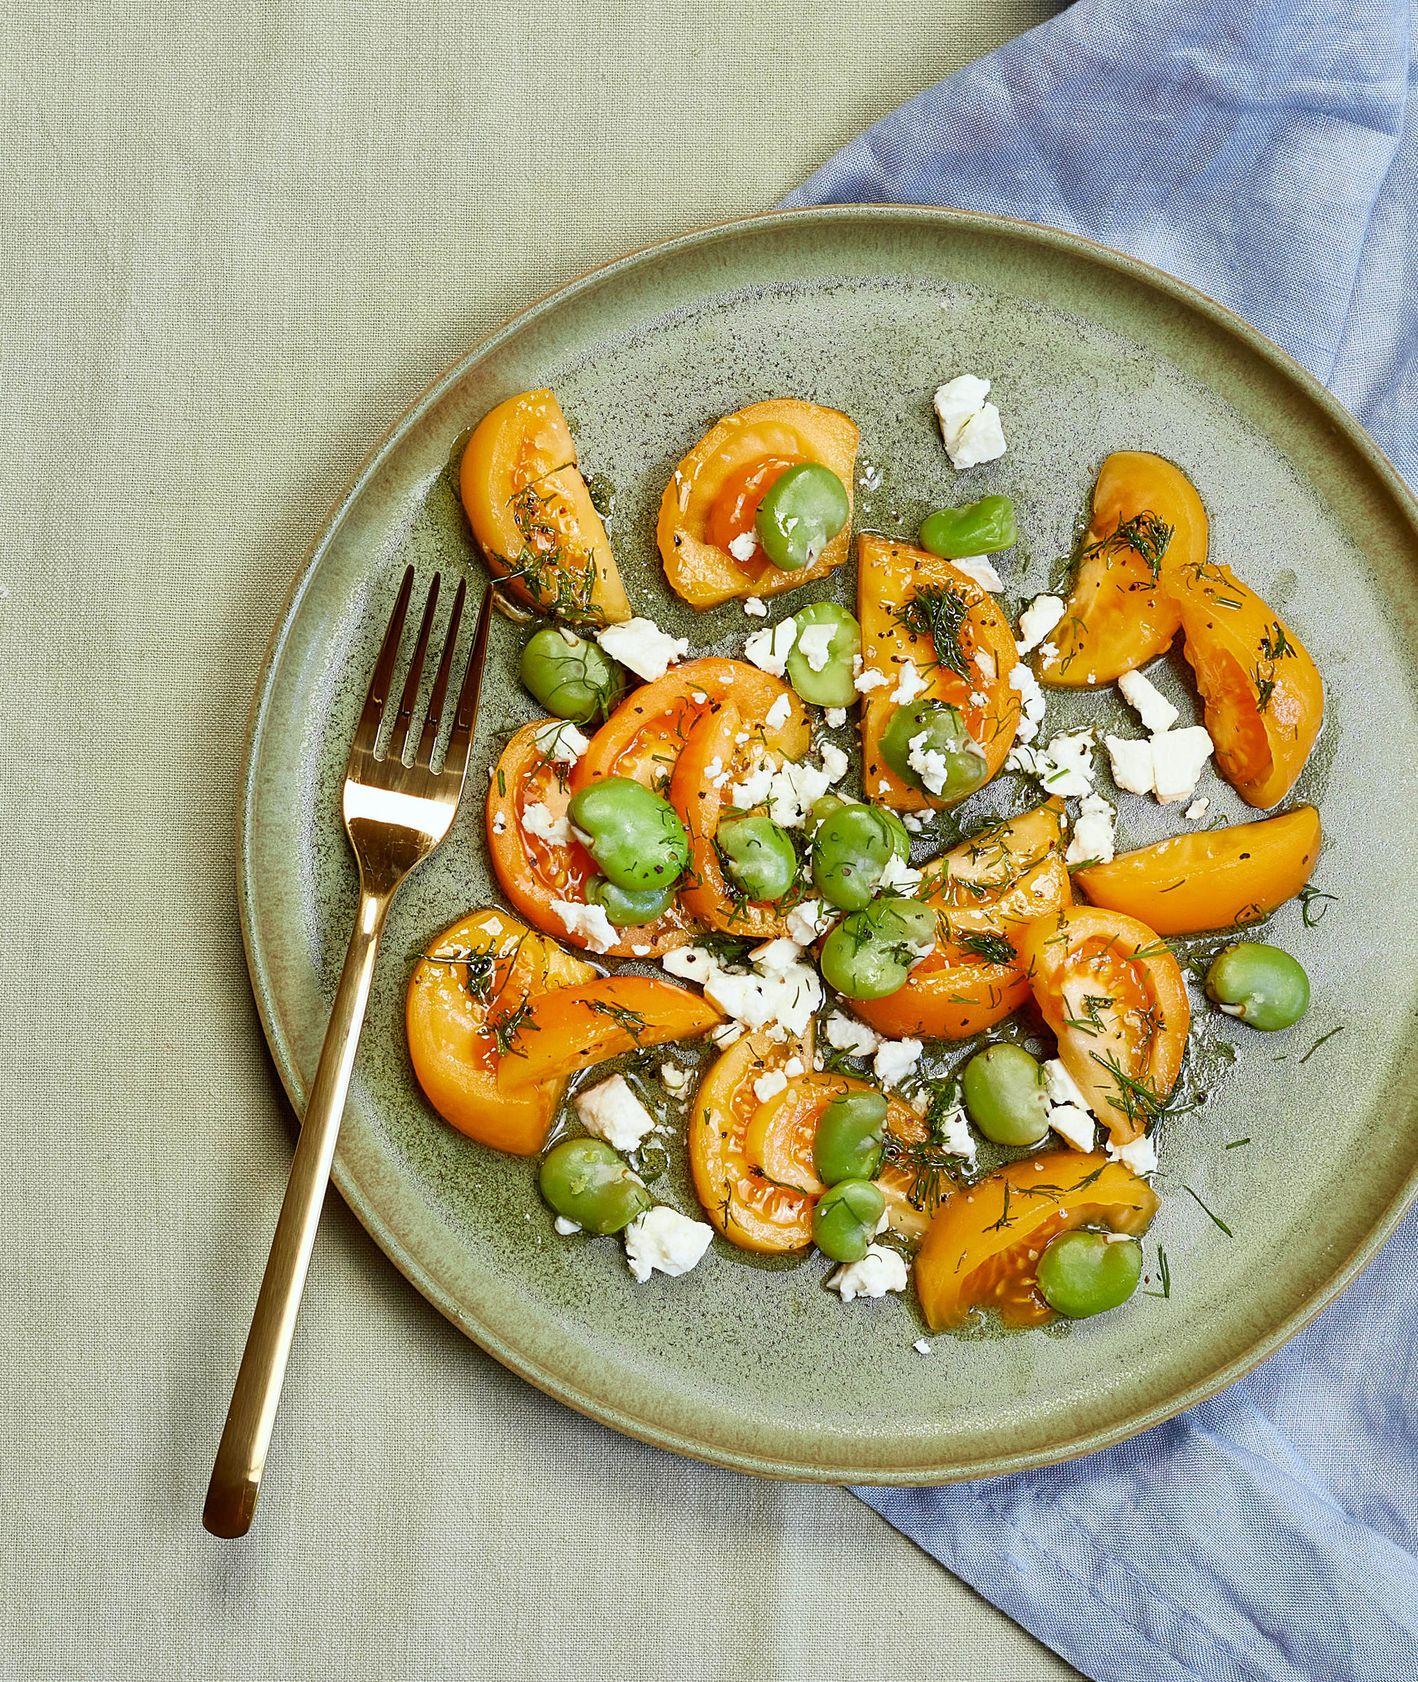 Prosty przepis na sałatkę z żółtych pomidorów, fety i bobu (fot. Maciej Niemojewski)